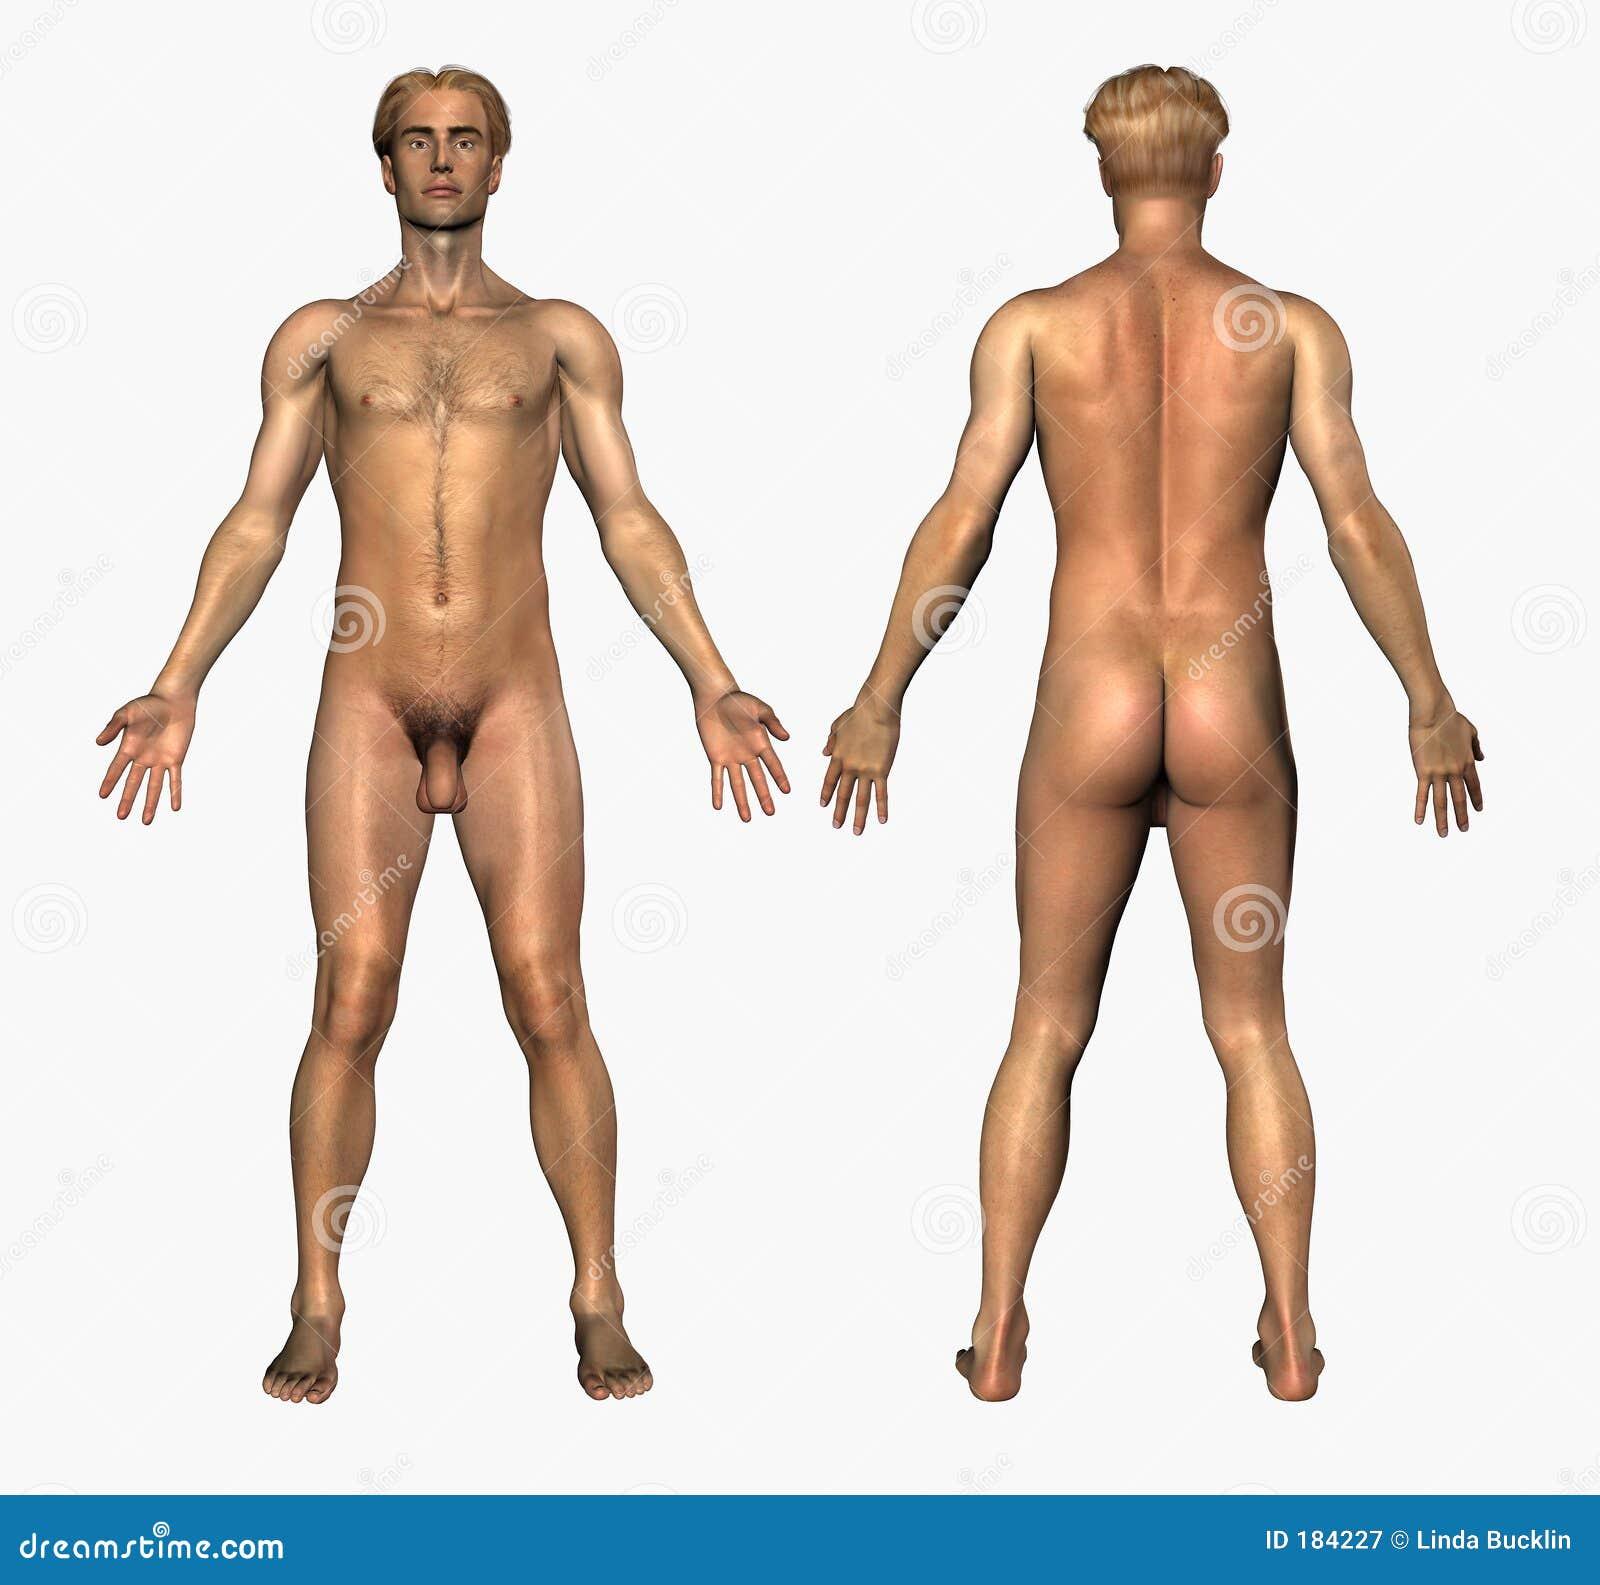 Anatomía humana - varón desnudo - frente y parte posterior